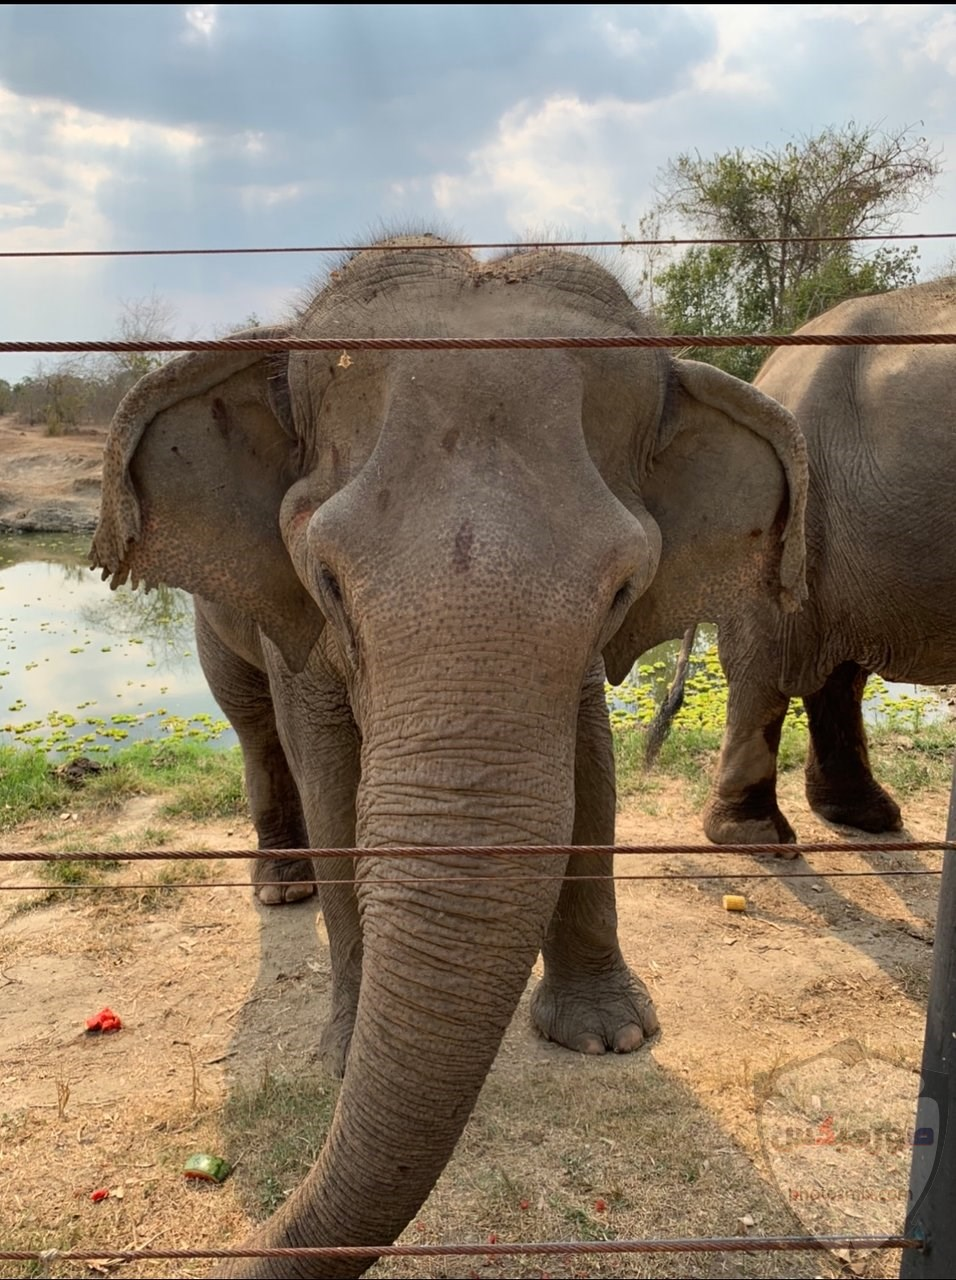 صور وخلفيات الفيل ومعلومات كاملة عن الفيل 28 1